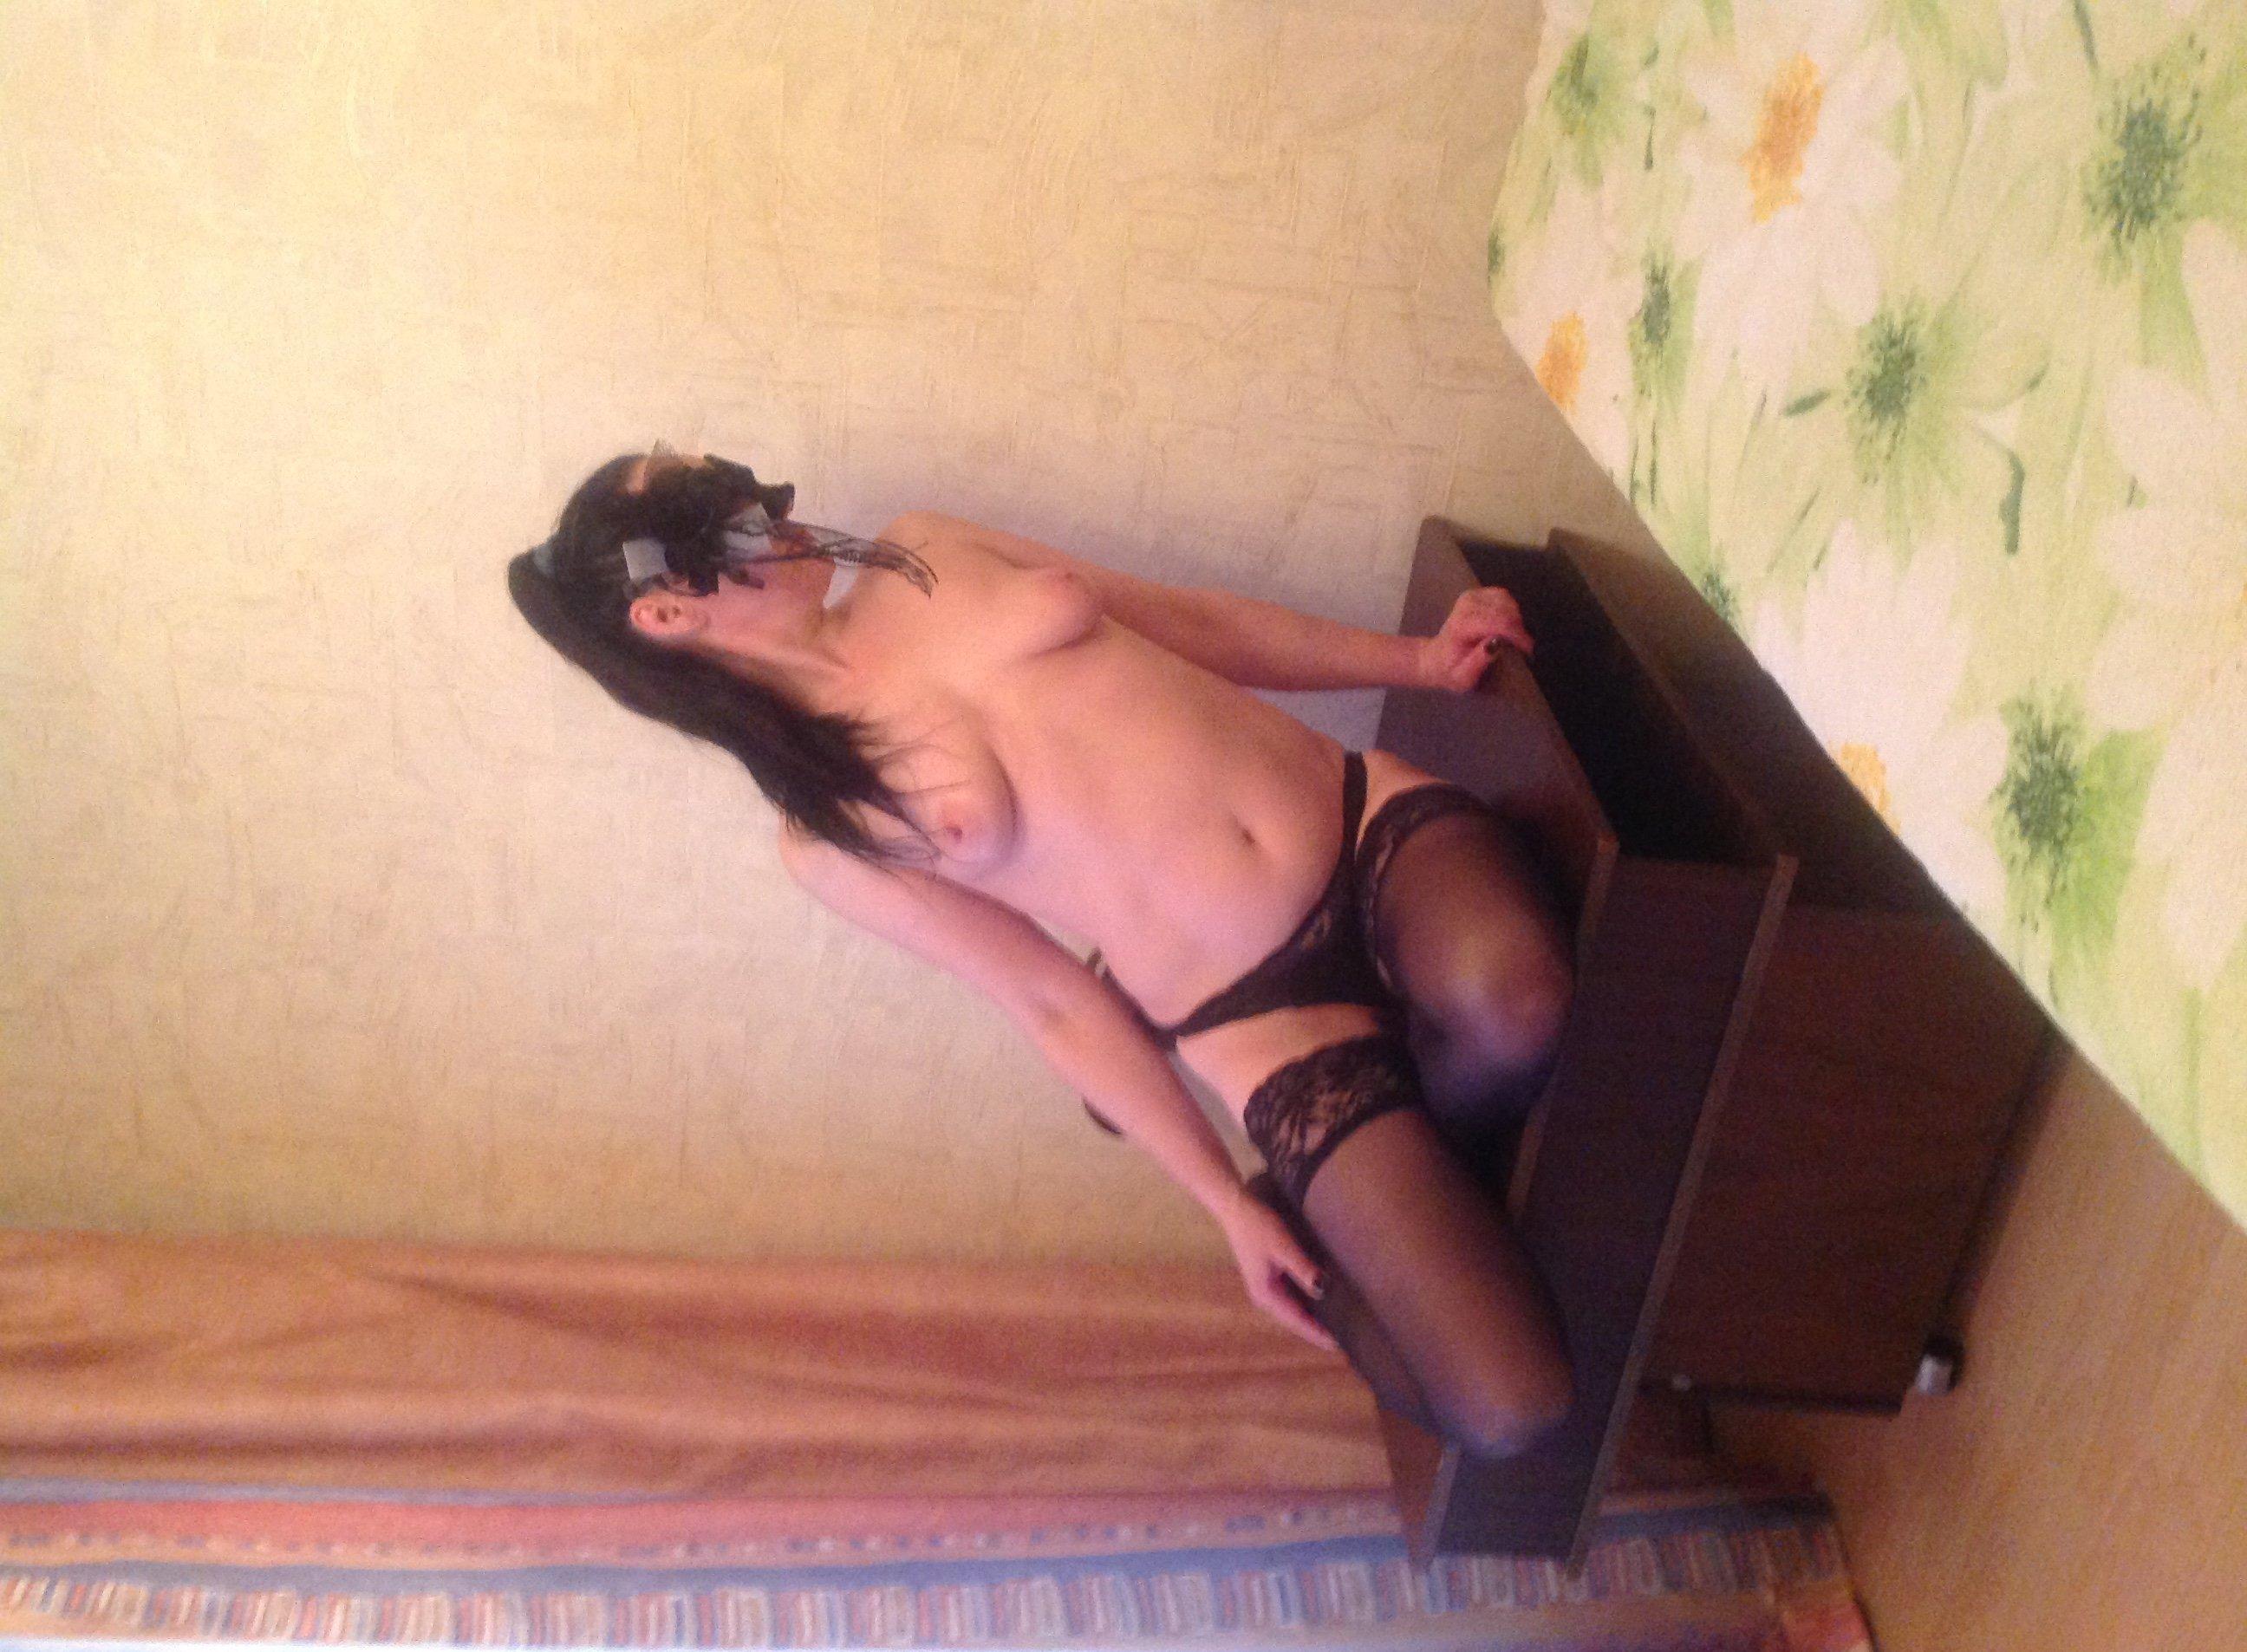 Проститутку в сургуте, Проститутки Сургута, Уродок Нет, лучшие индивидуалки 13 фотография